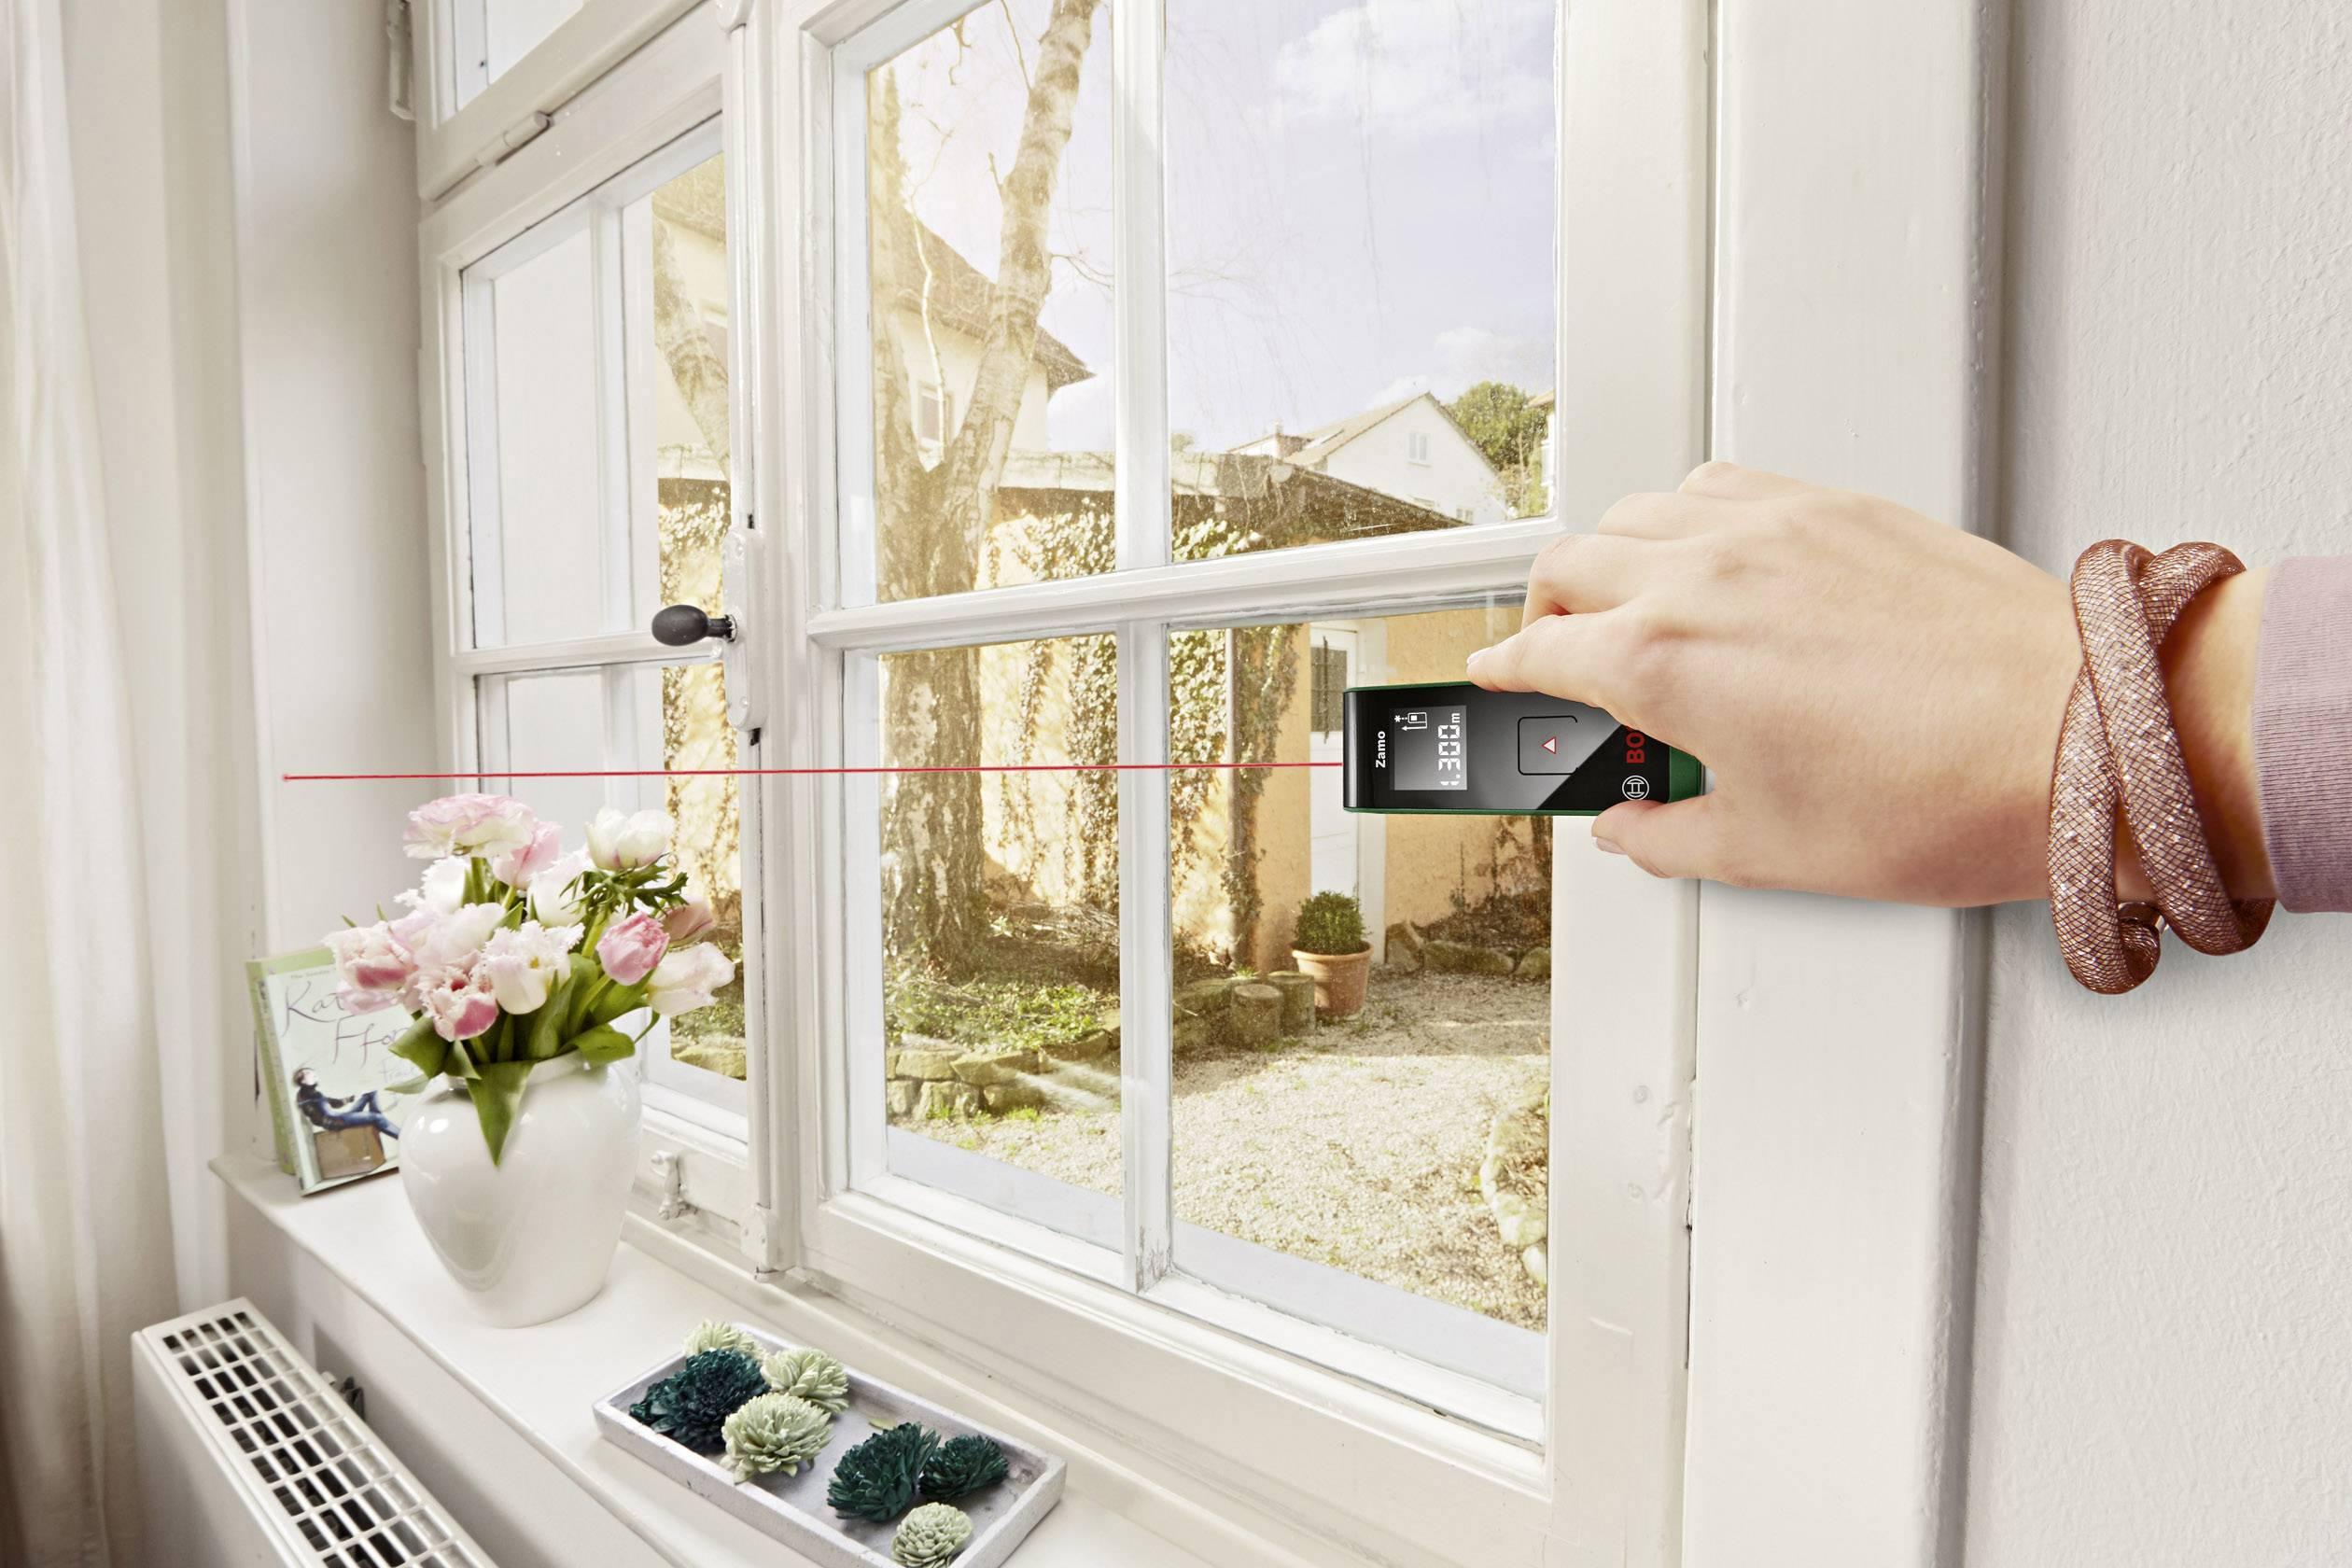 Ultraschall Entfernungsmesser Kinder : Bosch home and garden zamo ii laser entfernungsmesser messbereich